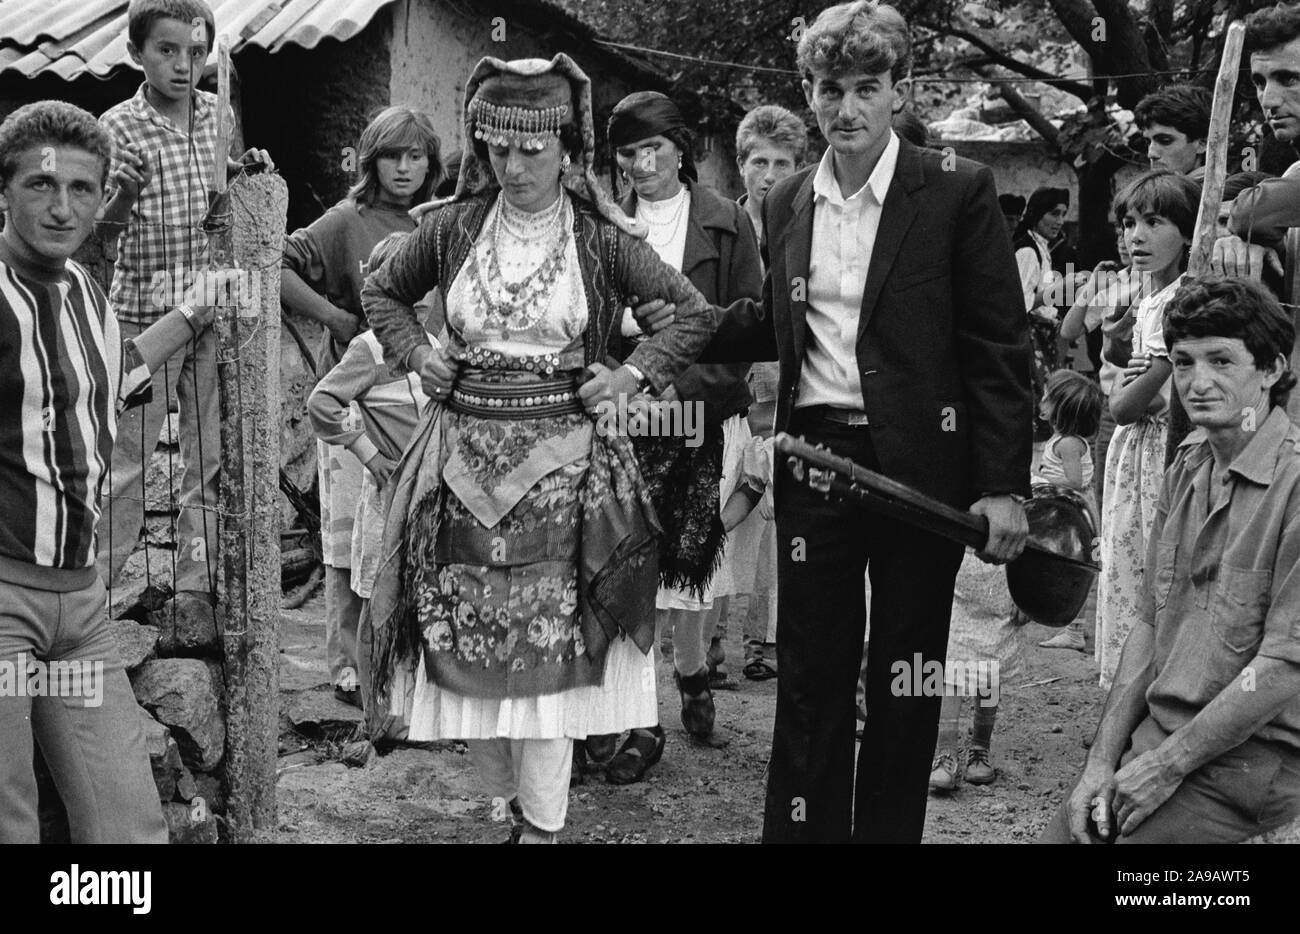 WEDDING PARTY, JUBANI (?), NEAR SHKODRA, ALBANIA, SEP' 91 Stock Photo